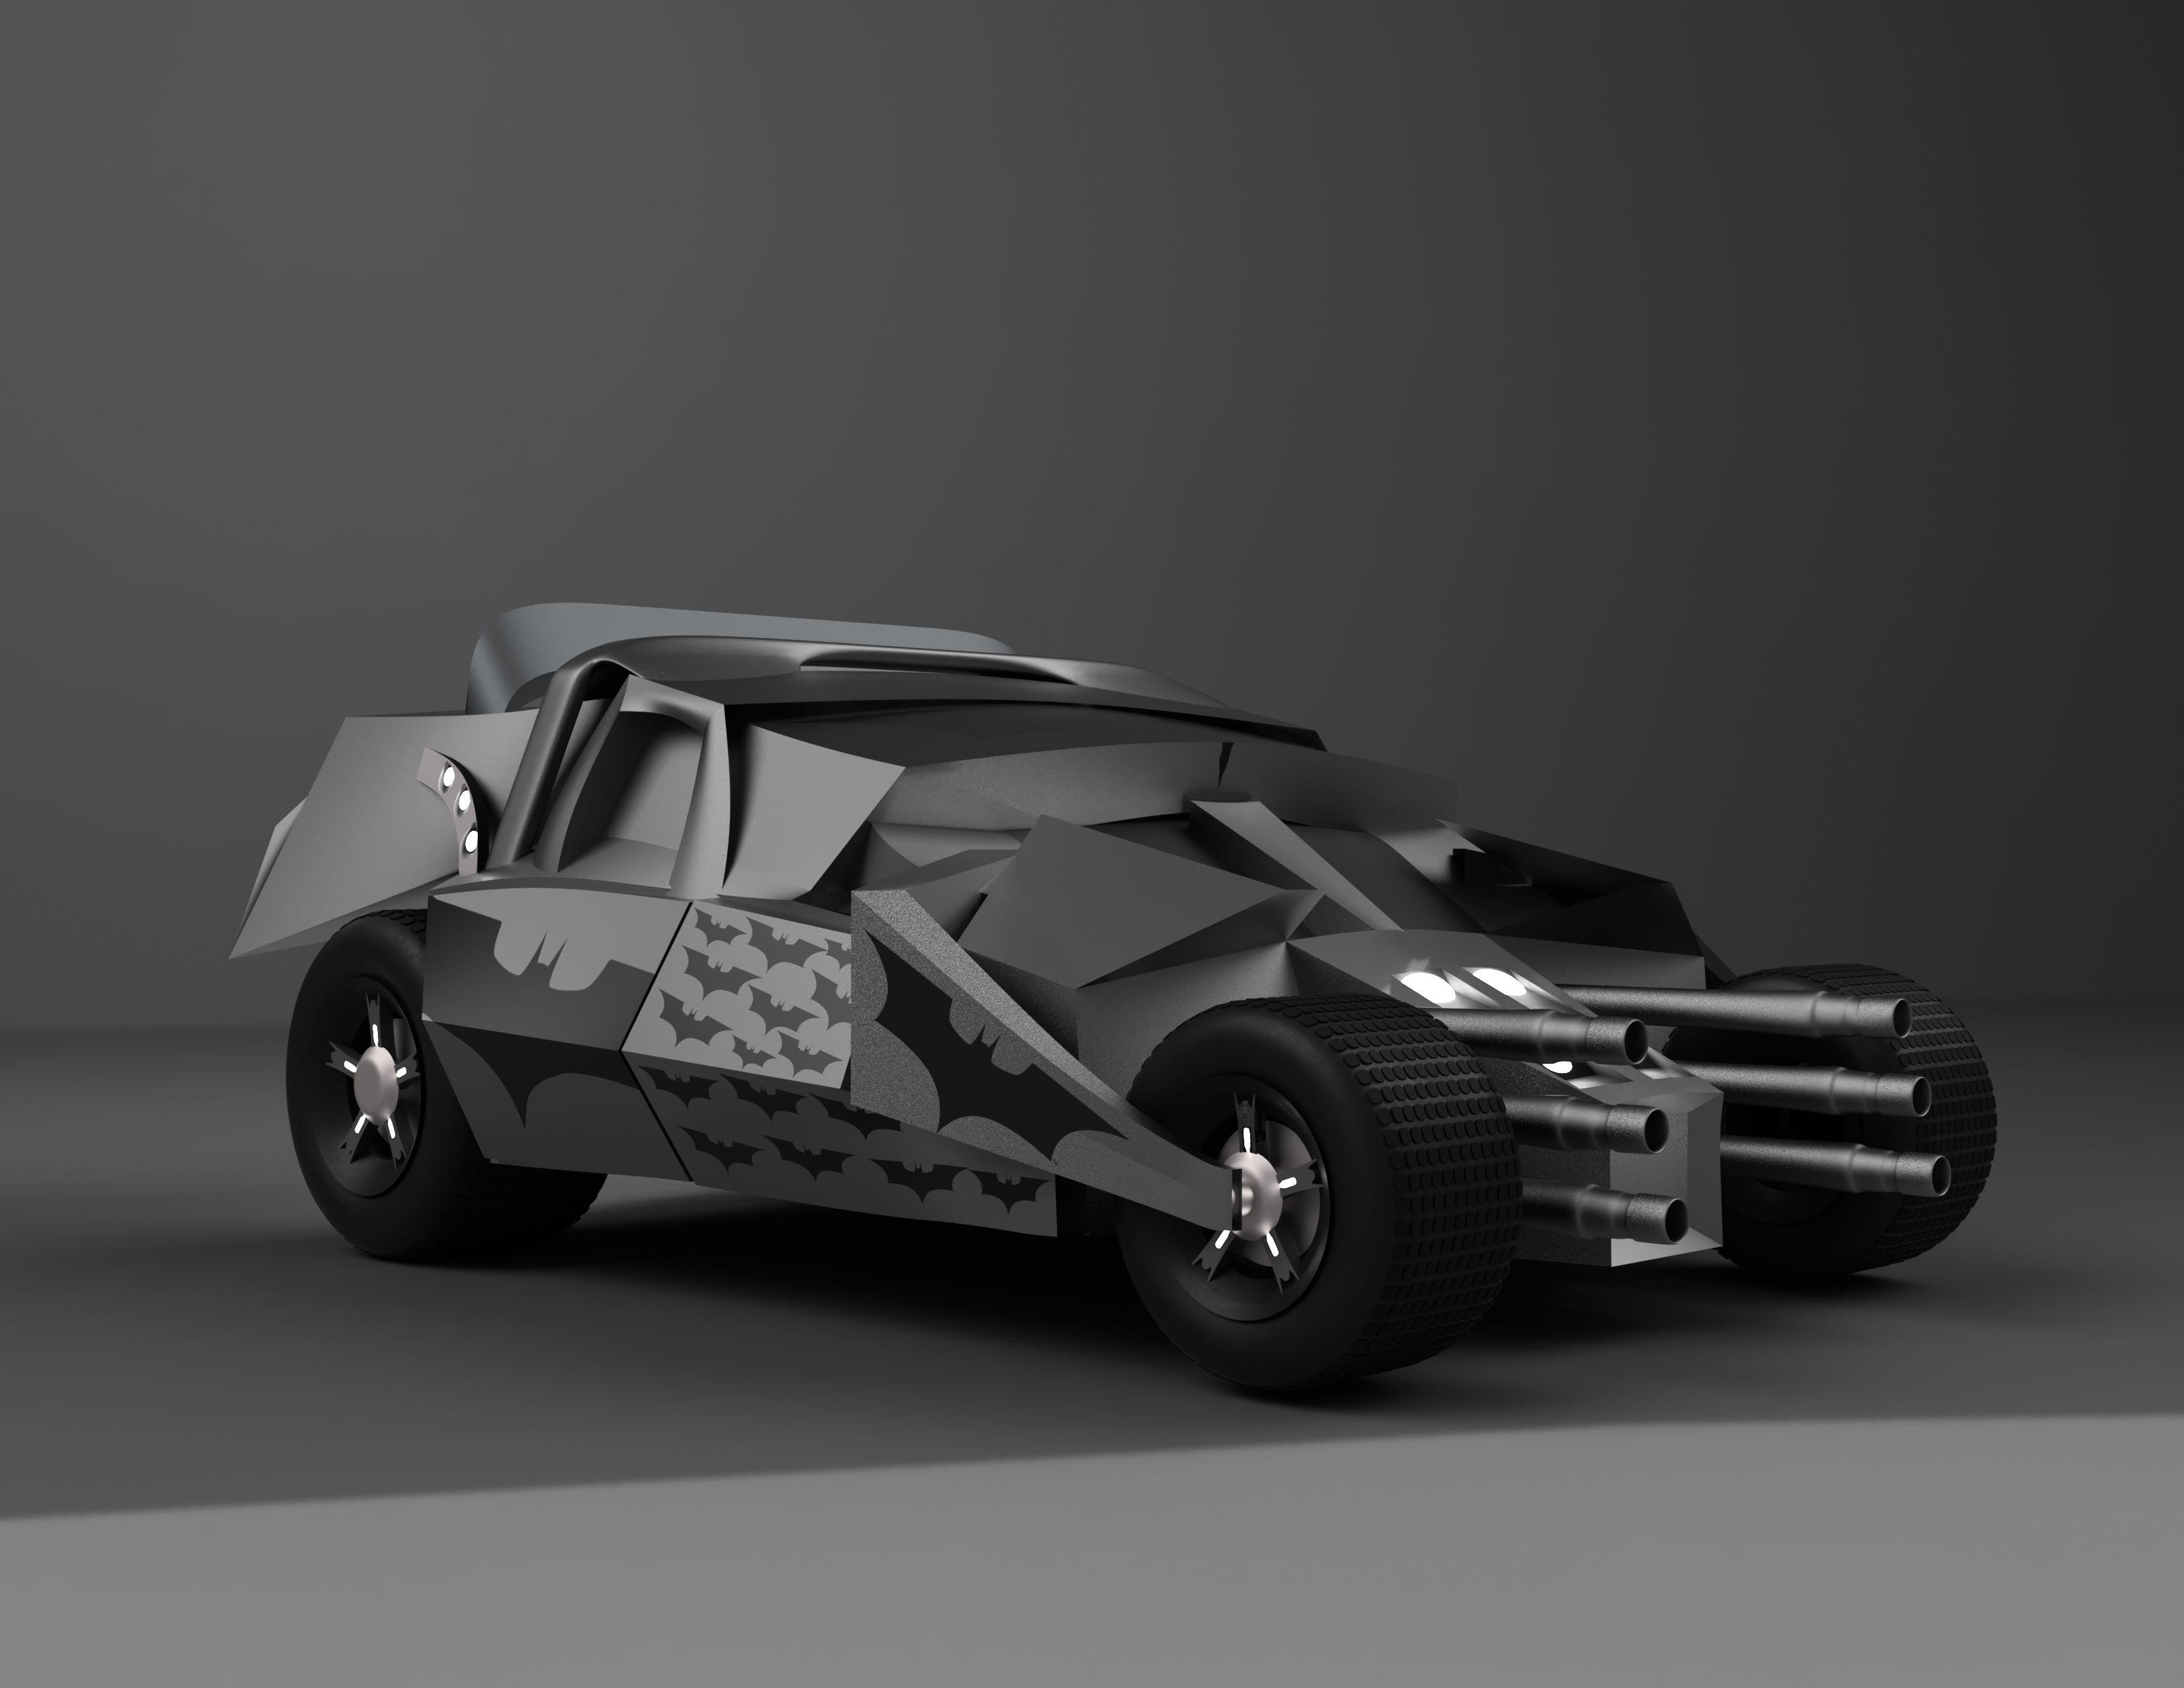 Bat-2-2017-aug-03-01-00-58pm-000-customizedview18113536397-3500-3500